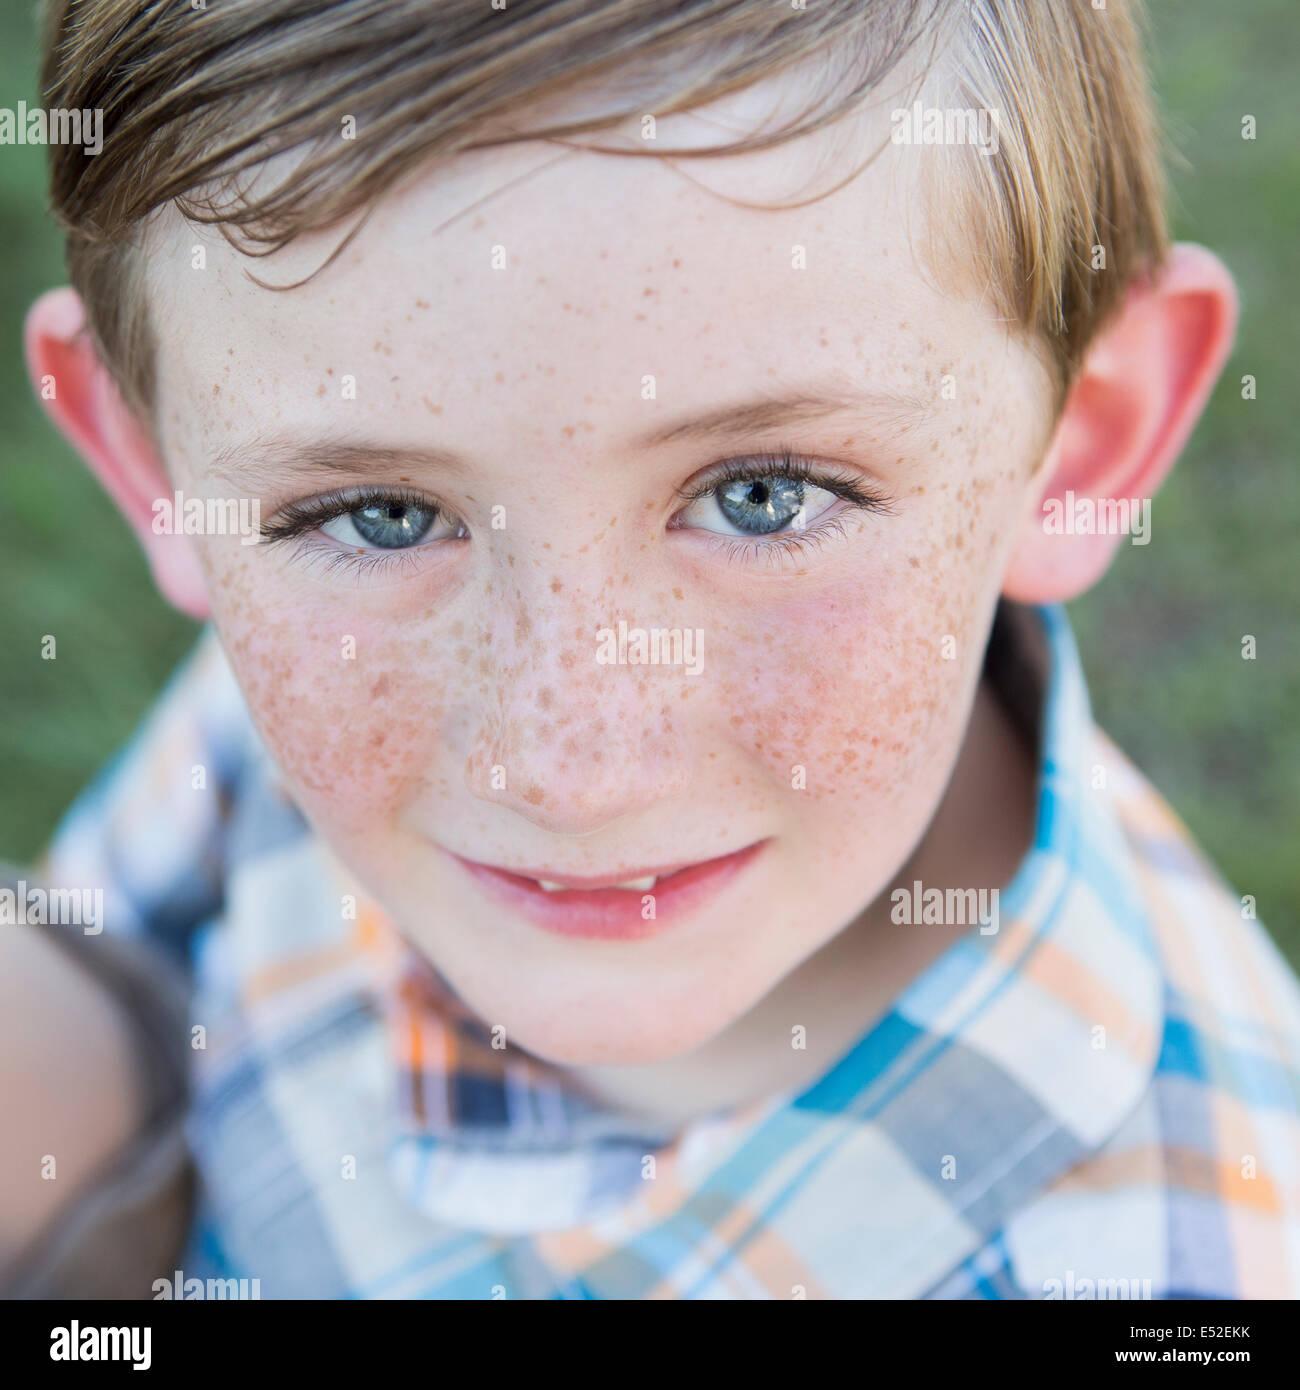 Retrato de una joven con ojos azules y pecas en su nariz. Foto de stock